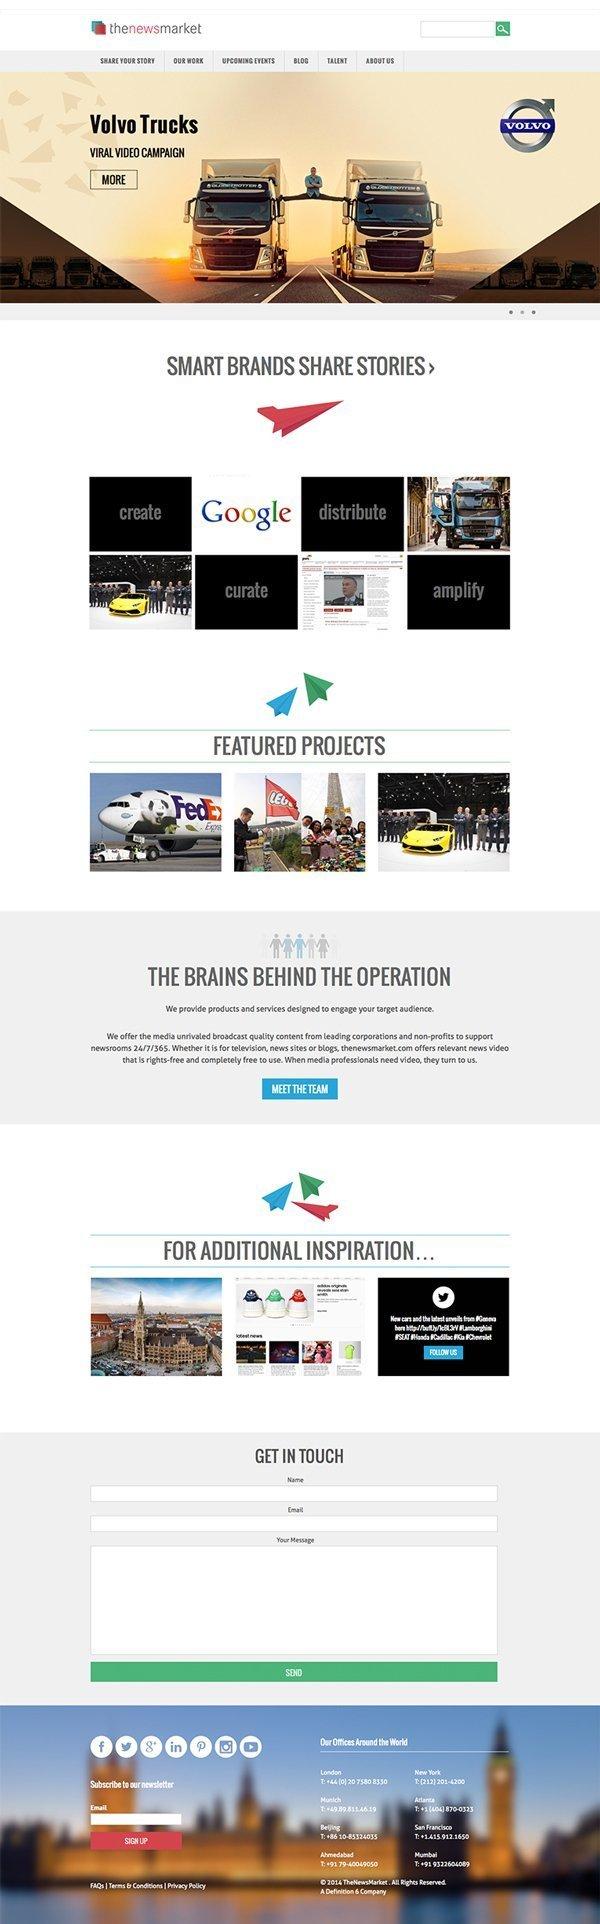 WordPress design, for the NewsMarket London